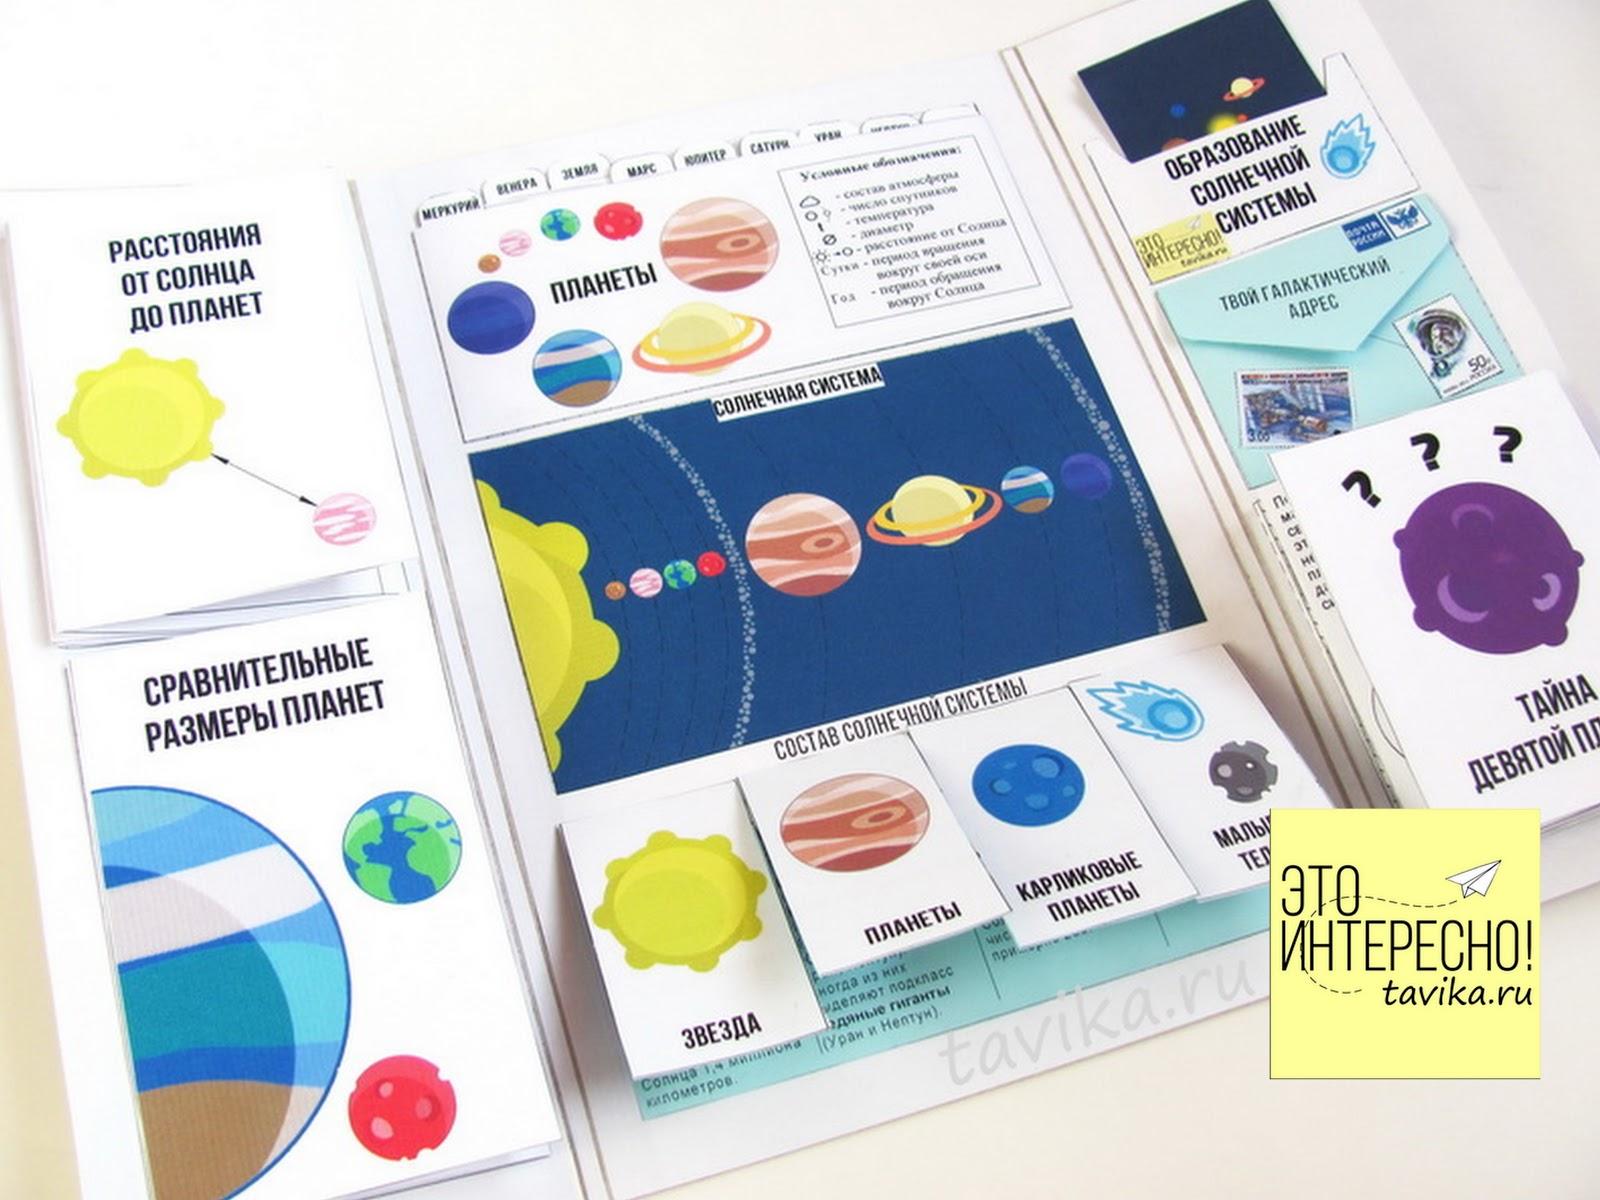 Книги для детей о космосе скачать бесплатно